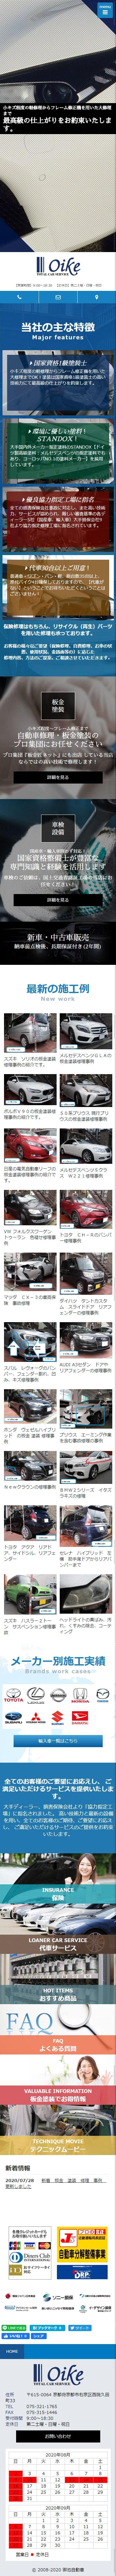 御池自動車 株式会社 スマートフォン表示